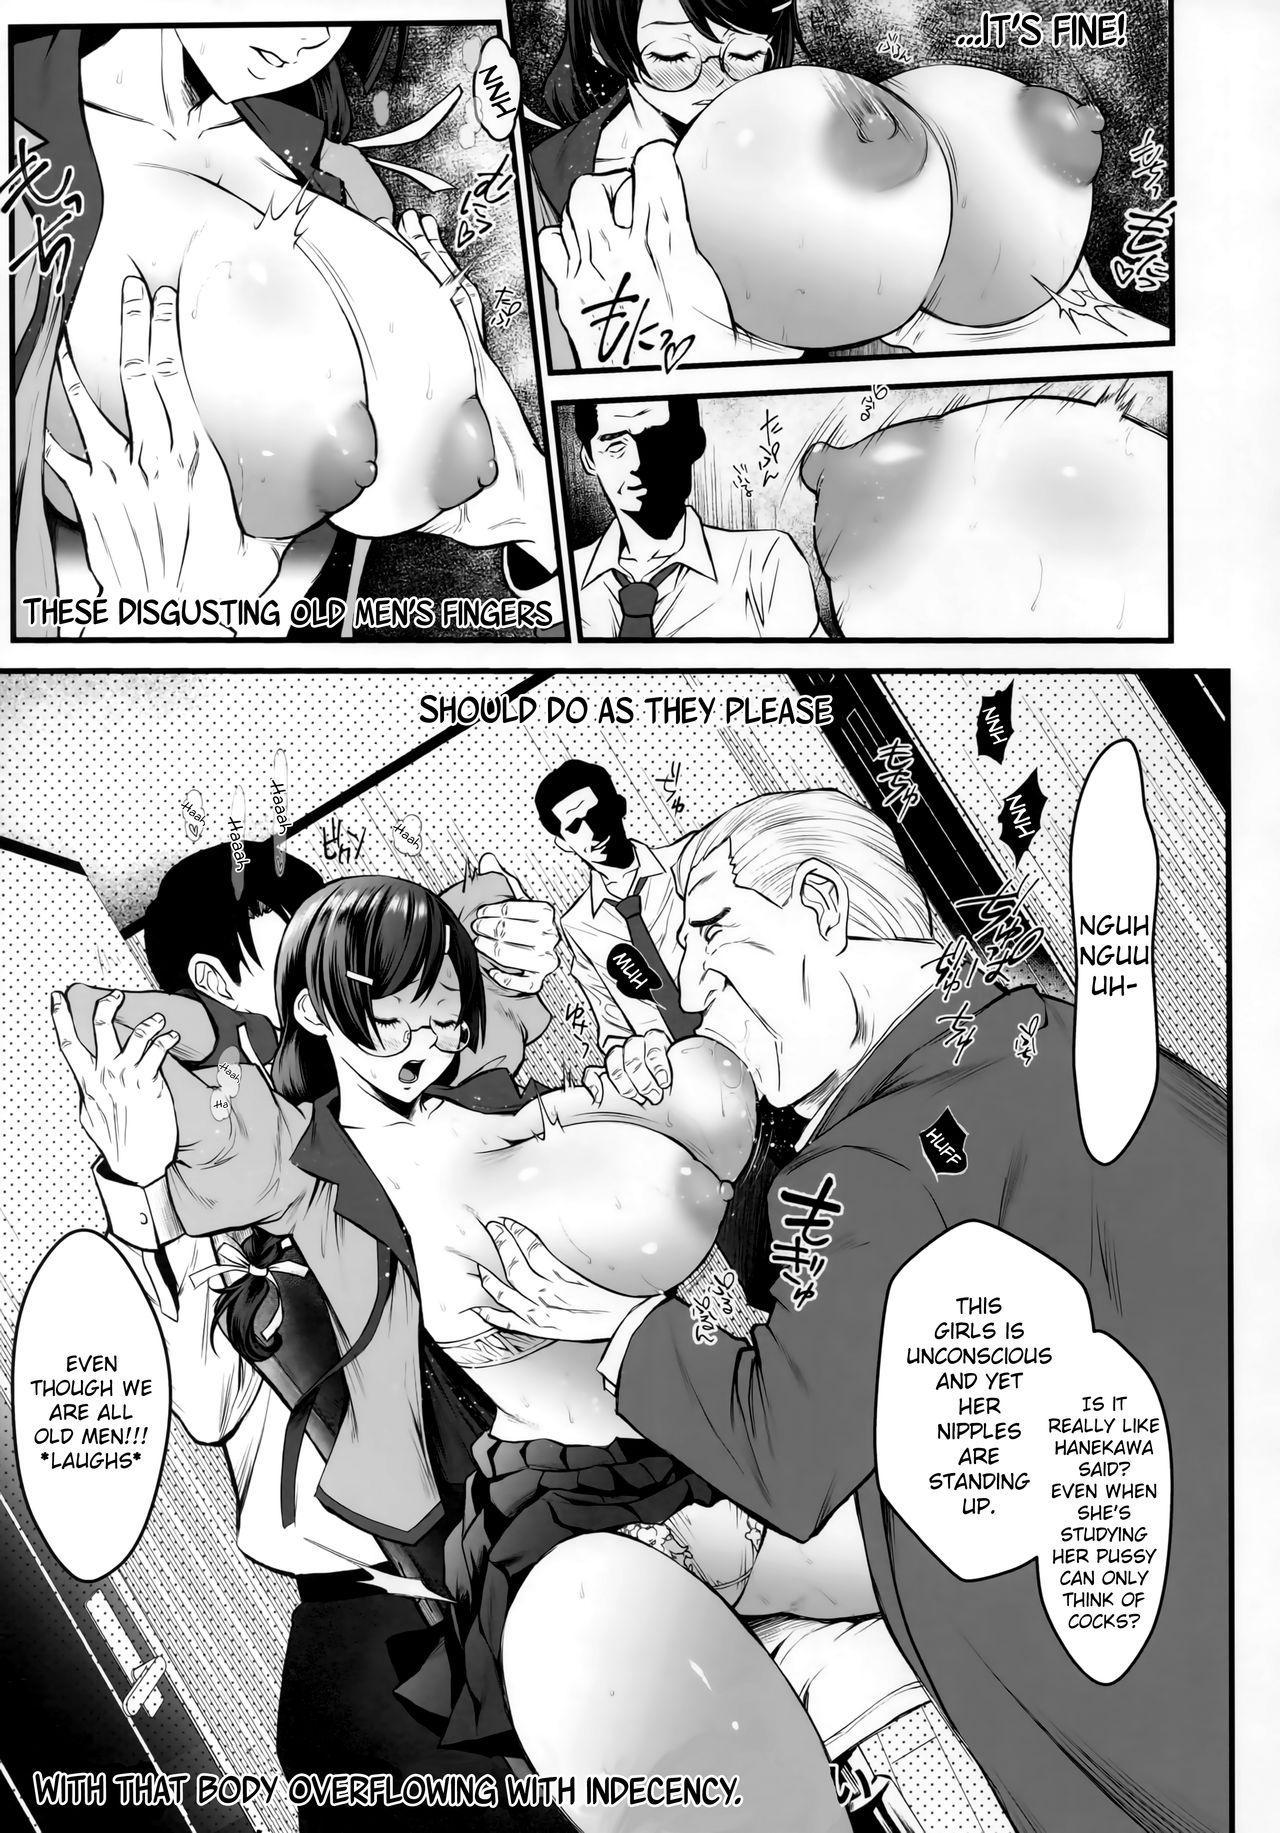 Rouka no Musume 02 5